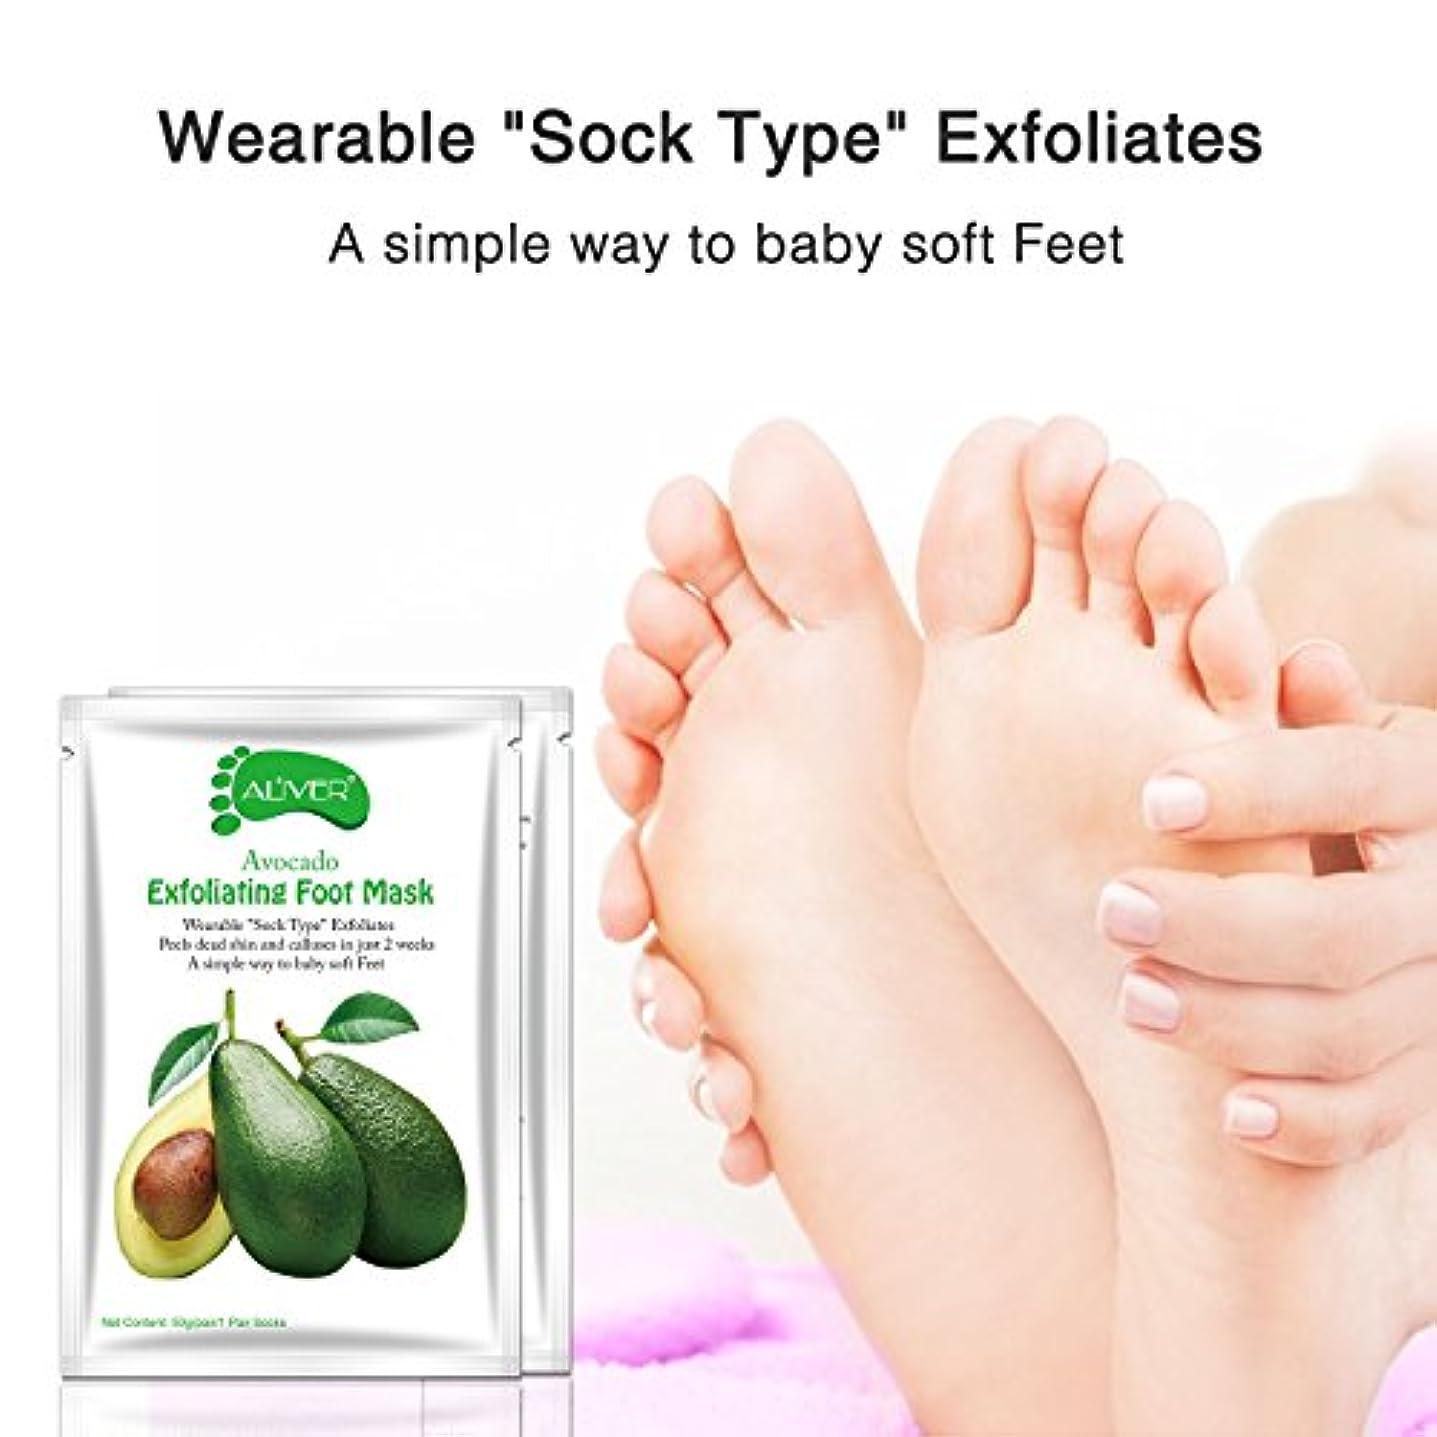 施し非効率的な心配する(5袋セット)Aliver足膜古い繭の死皮や角質を除去するために、1週間以内に柔らかい感触を得て、つるっとした足、ざらざらした足を修復します。男女ともに適用する。6種類の選択-パパイヤ足膜、バラ足膜、カモミール足膜、ラベンダー...